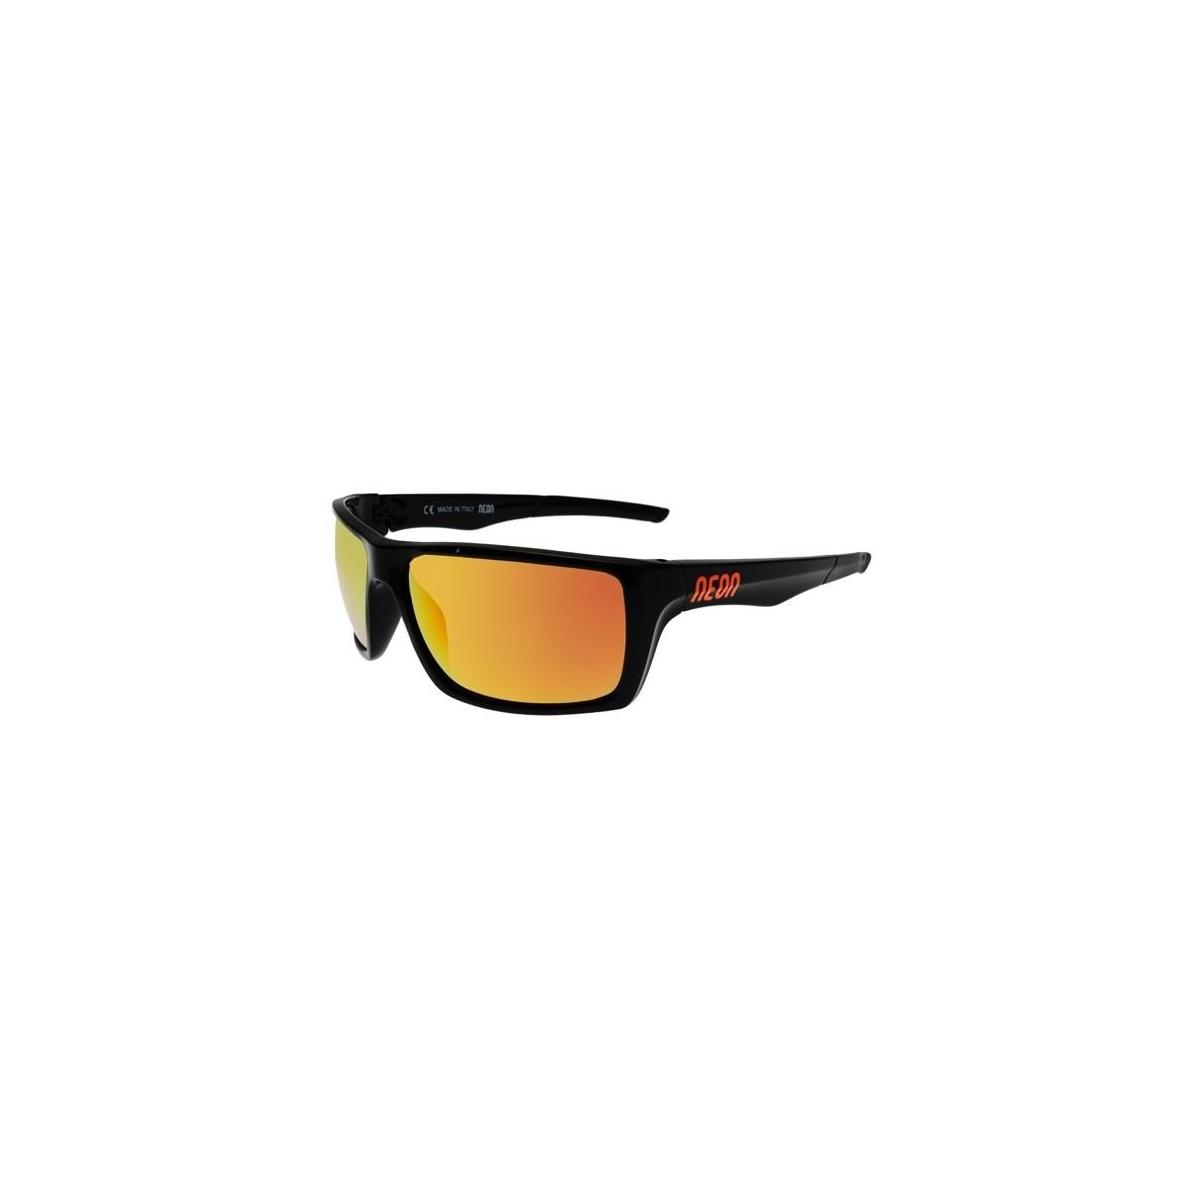 choisir officiel sélectionner pour dernier dans quelques jours Lunettes De Soleil Neon Jet Black Orange Fluo Mirror Red